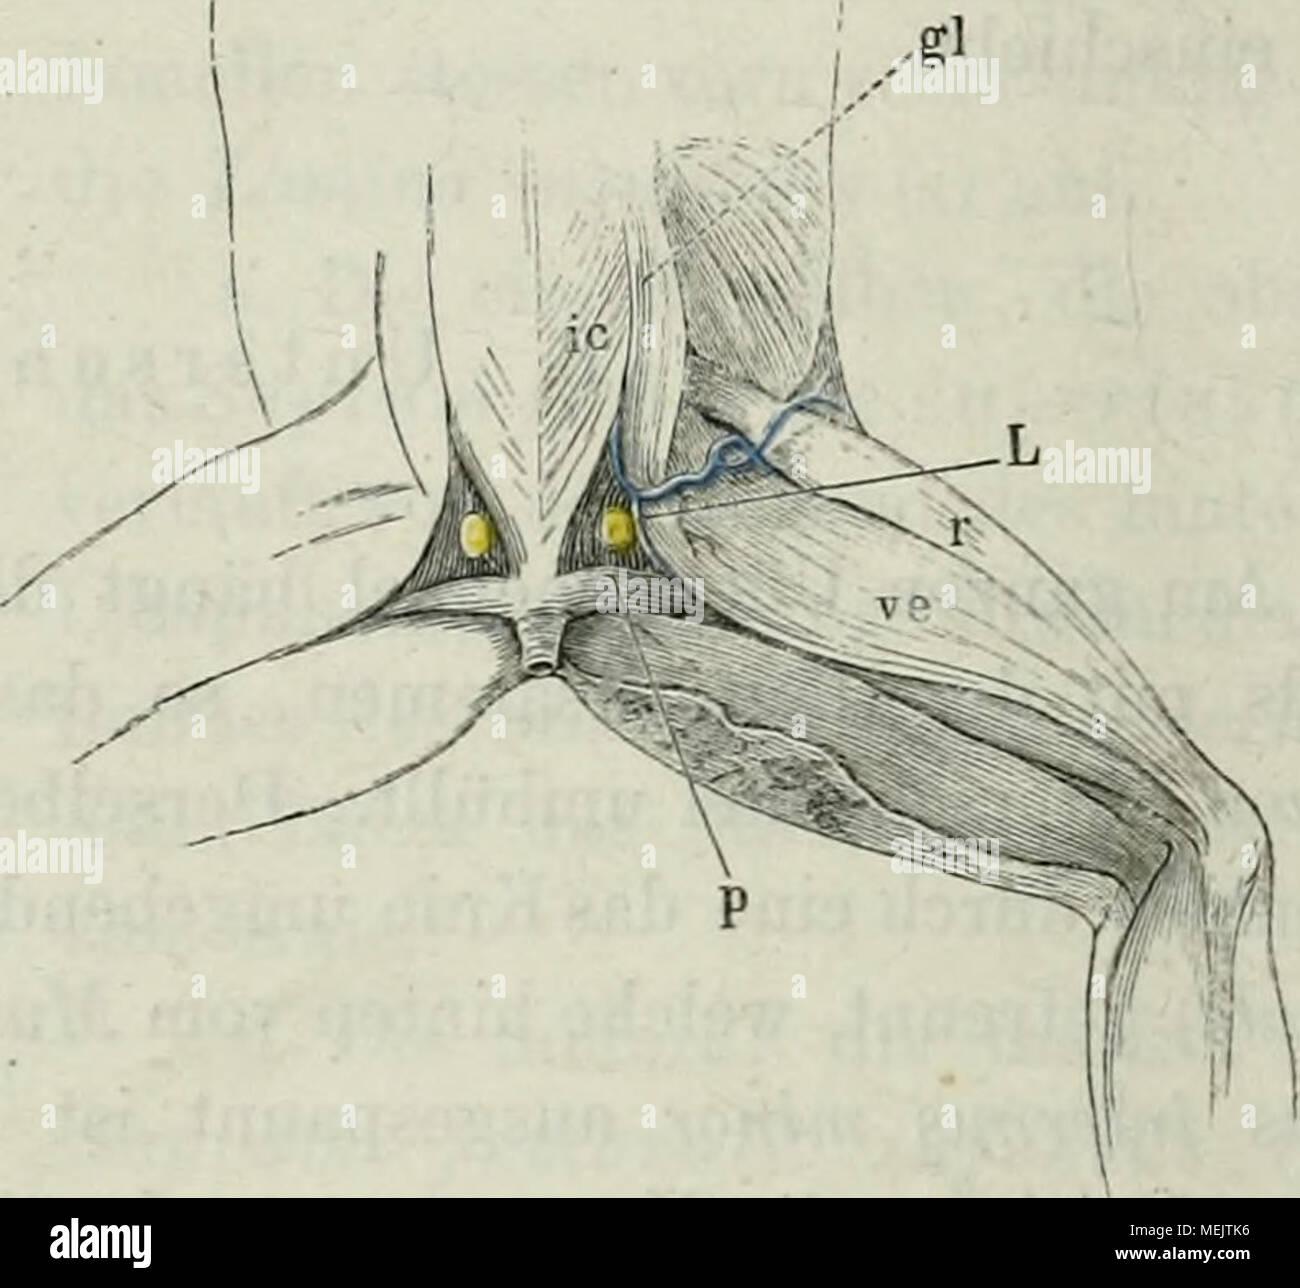 Großartig Anatomie Des Wirbels Fotos - Anatomie Ideen - finotti.info